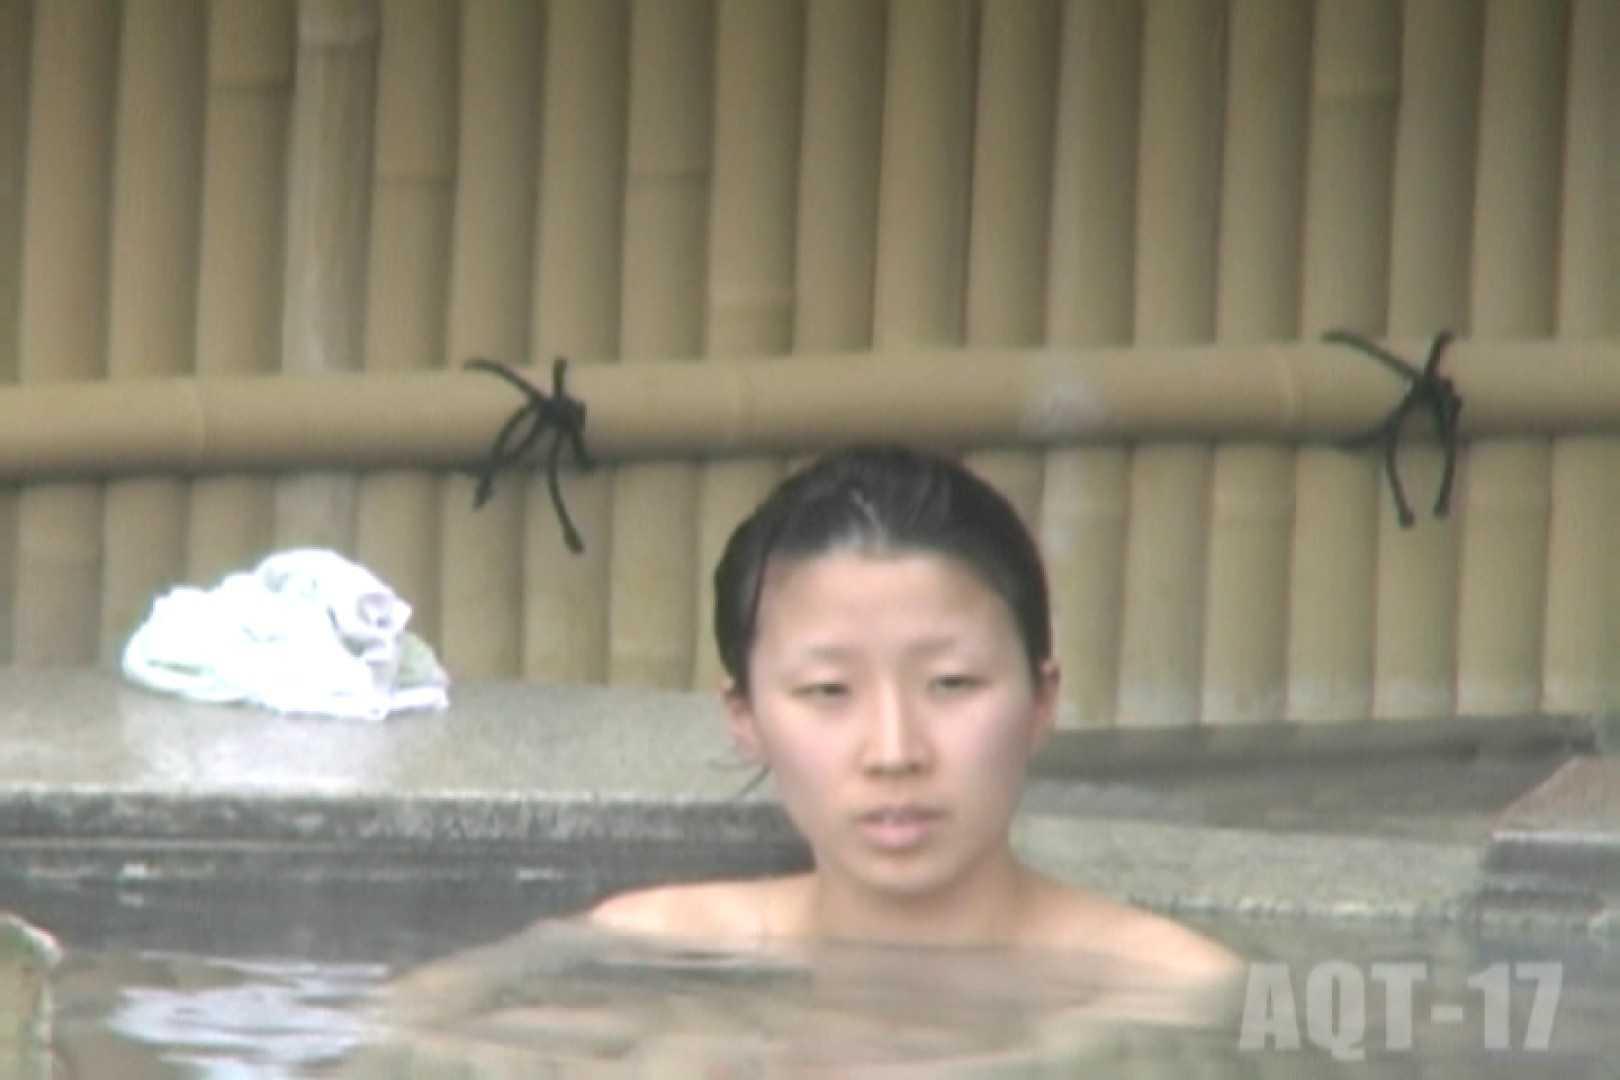 Aquaな露天風呂Vol.849 盗撮シリーズ  75PIX 2